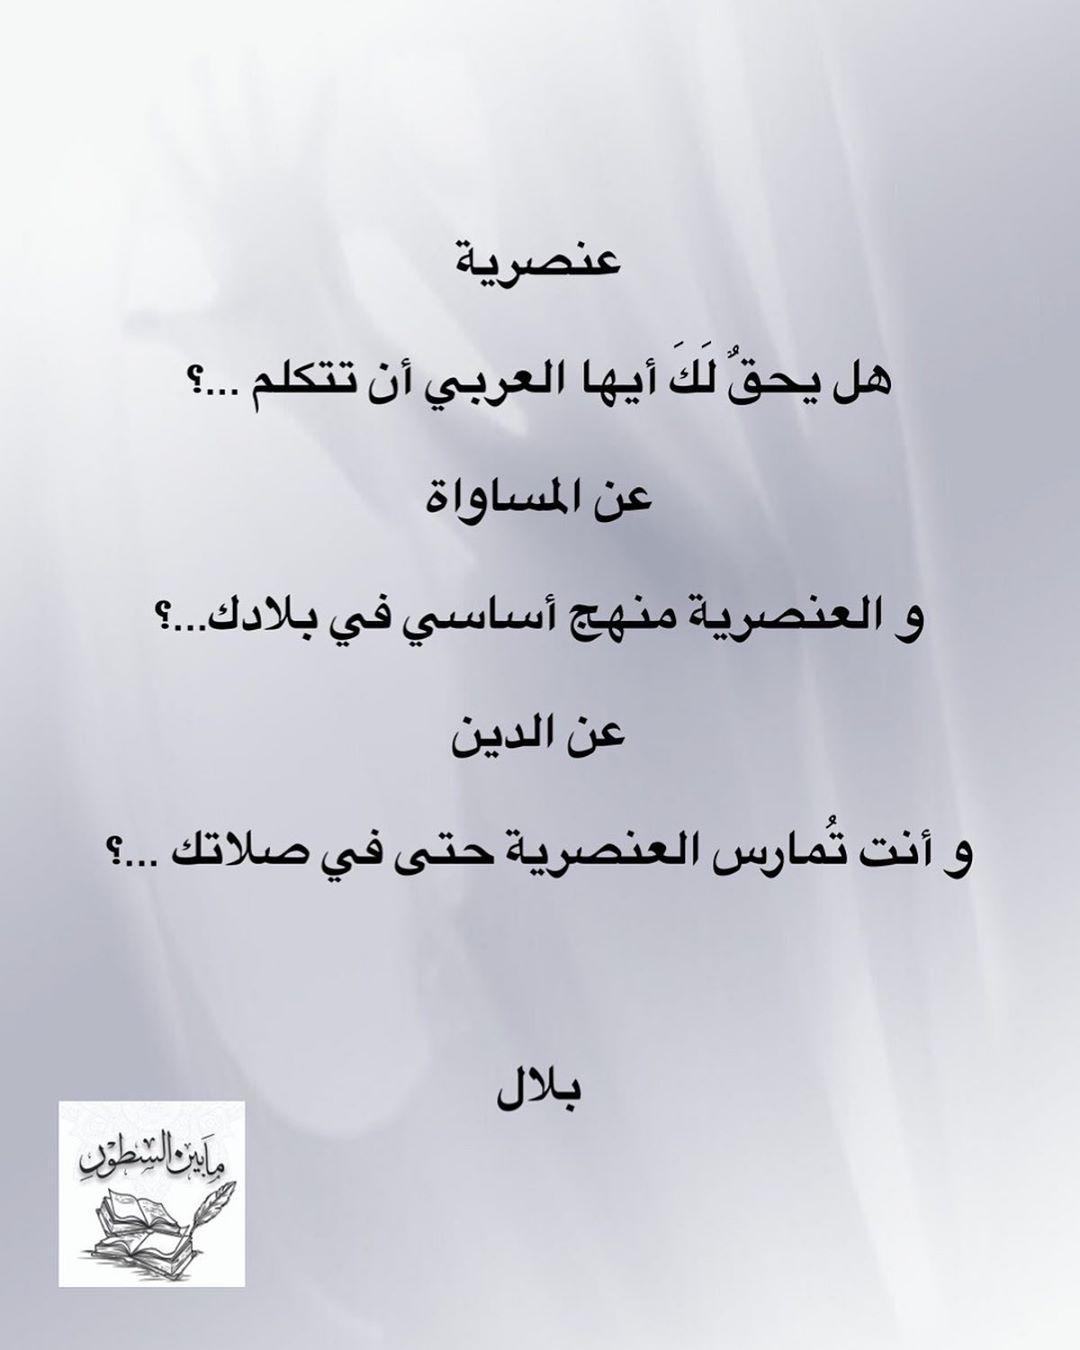 عنصرية عرب شعر قصايد حقيقة خواطر حكم حكمة قراءة كتب انستا كتب أدب ادب خاطره Math Math Equations